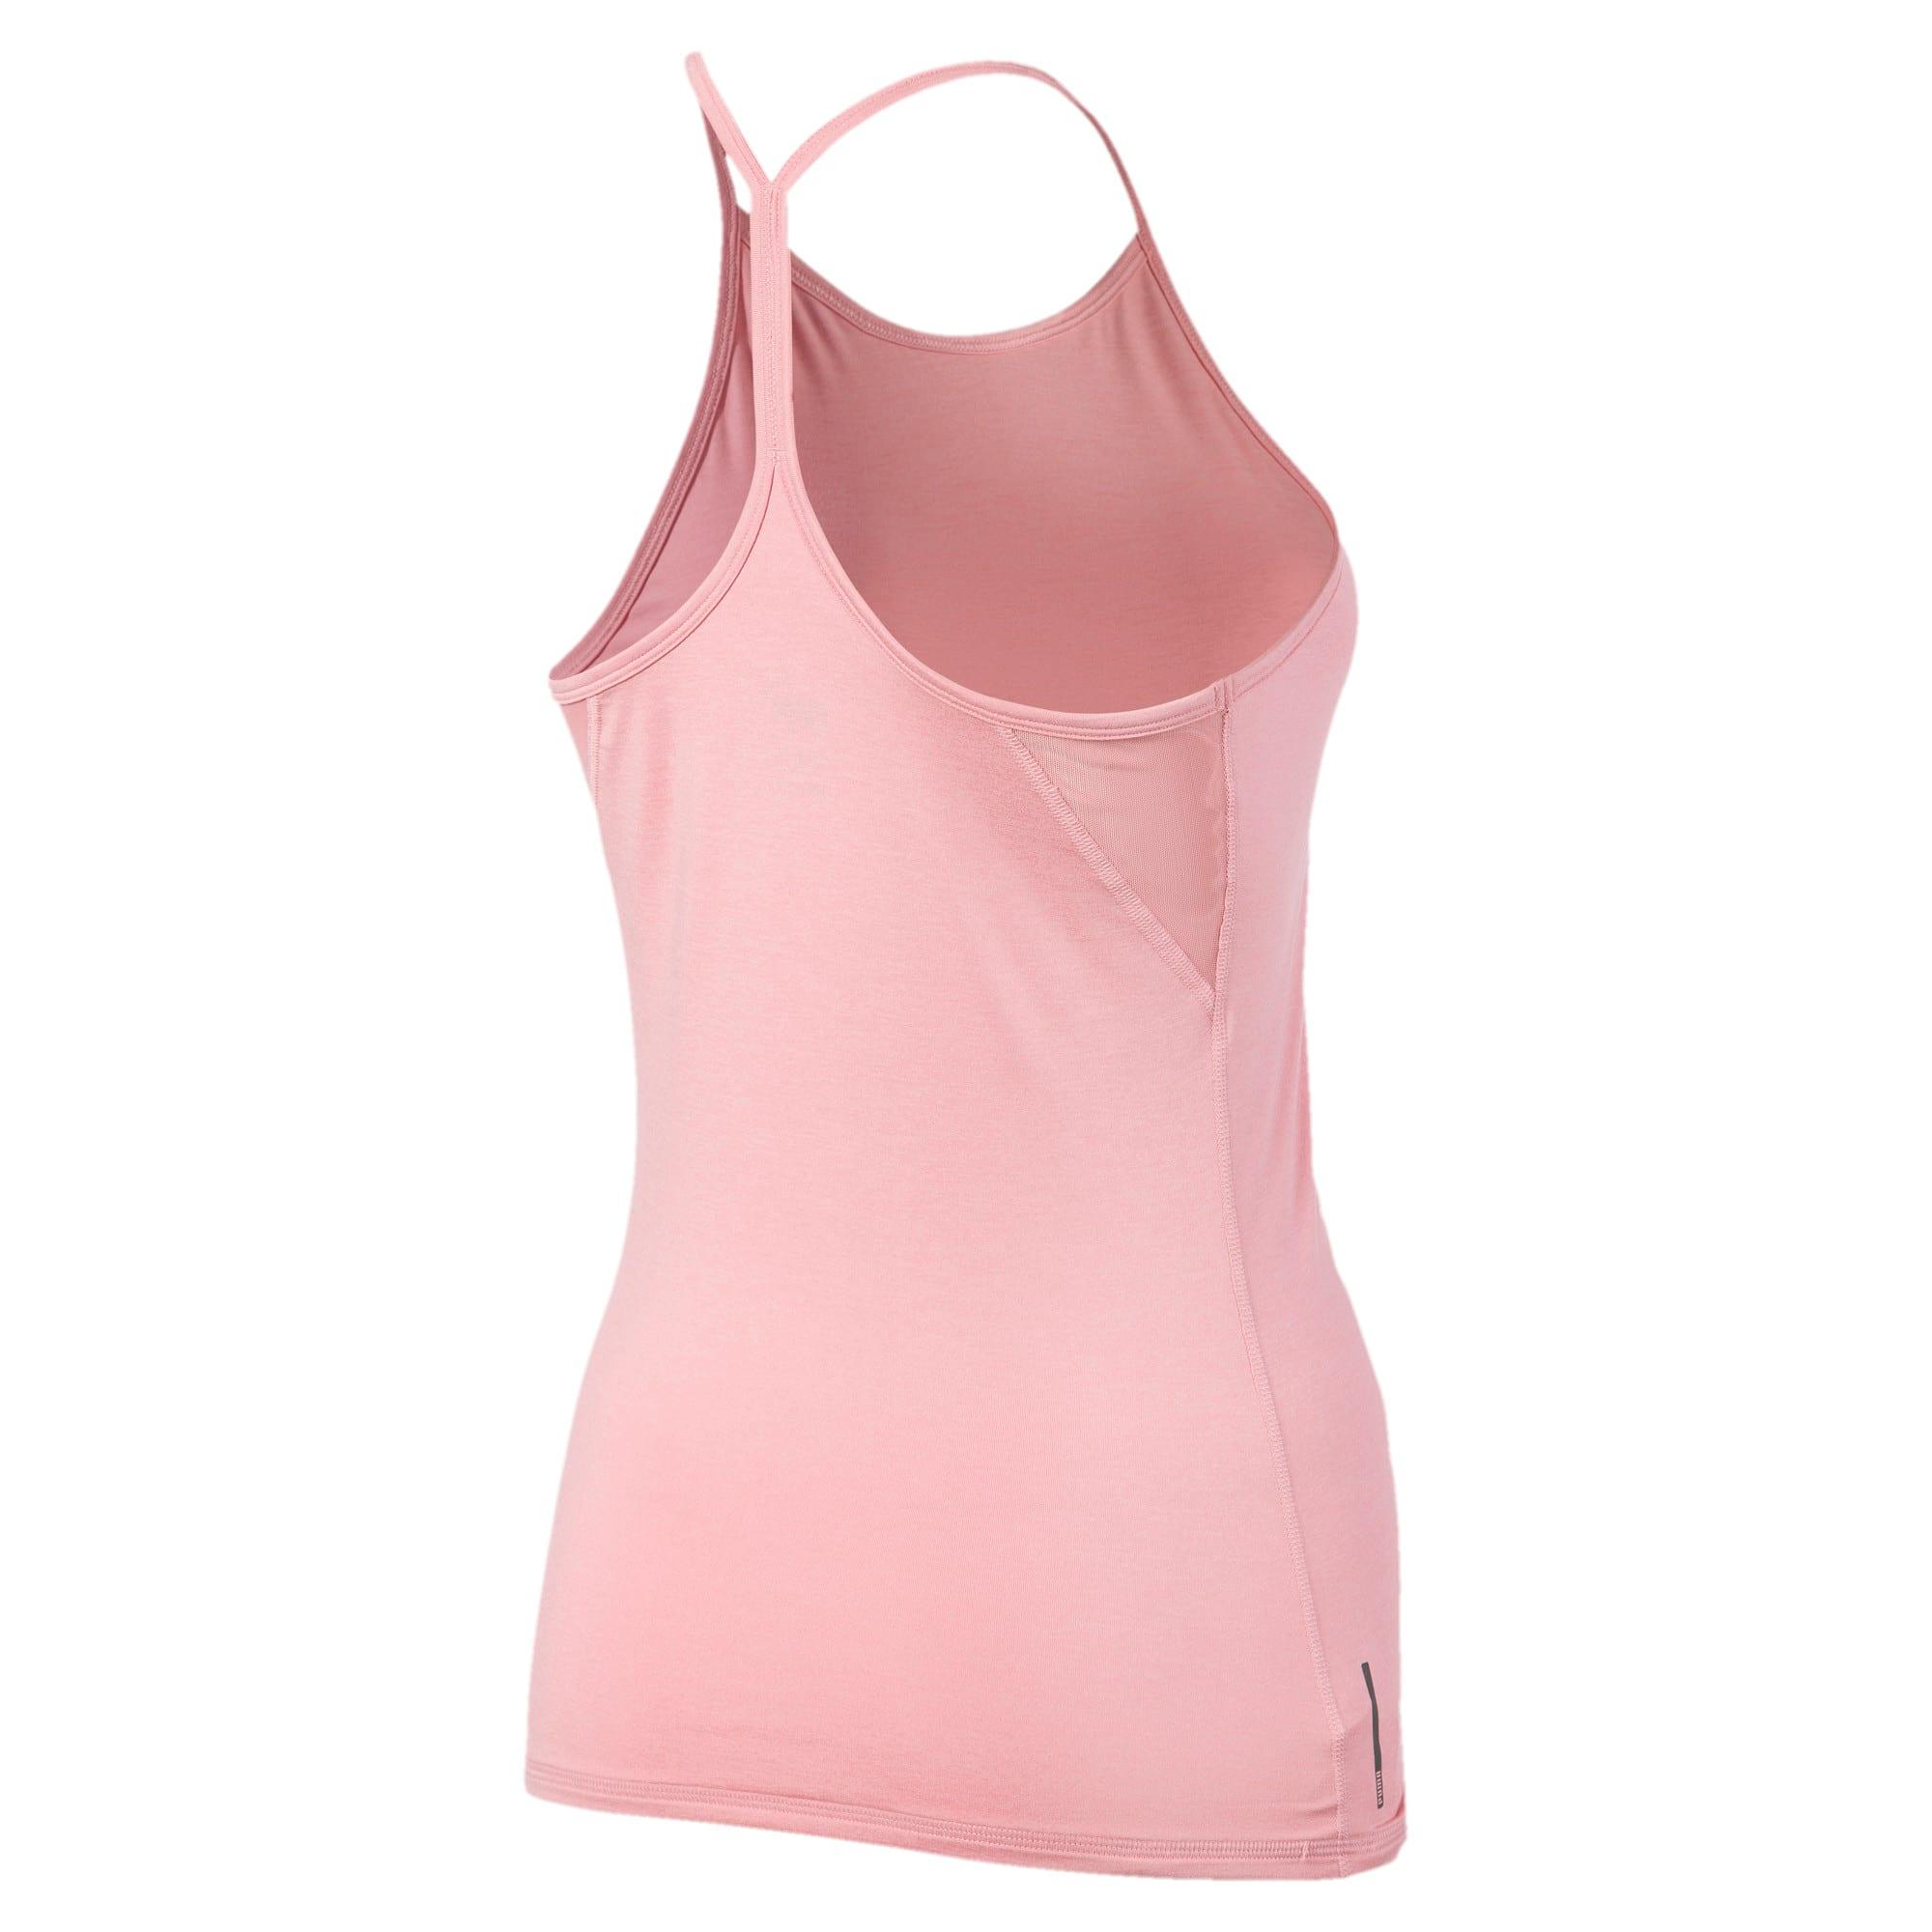 Miniatura 4 de Camiseta sin mangas Studio con espalda deportiva para mujer, Bridal Rose Heather, mediano